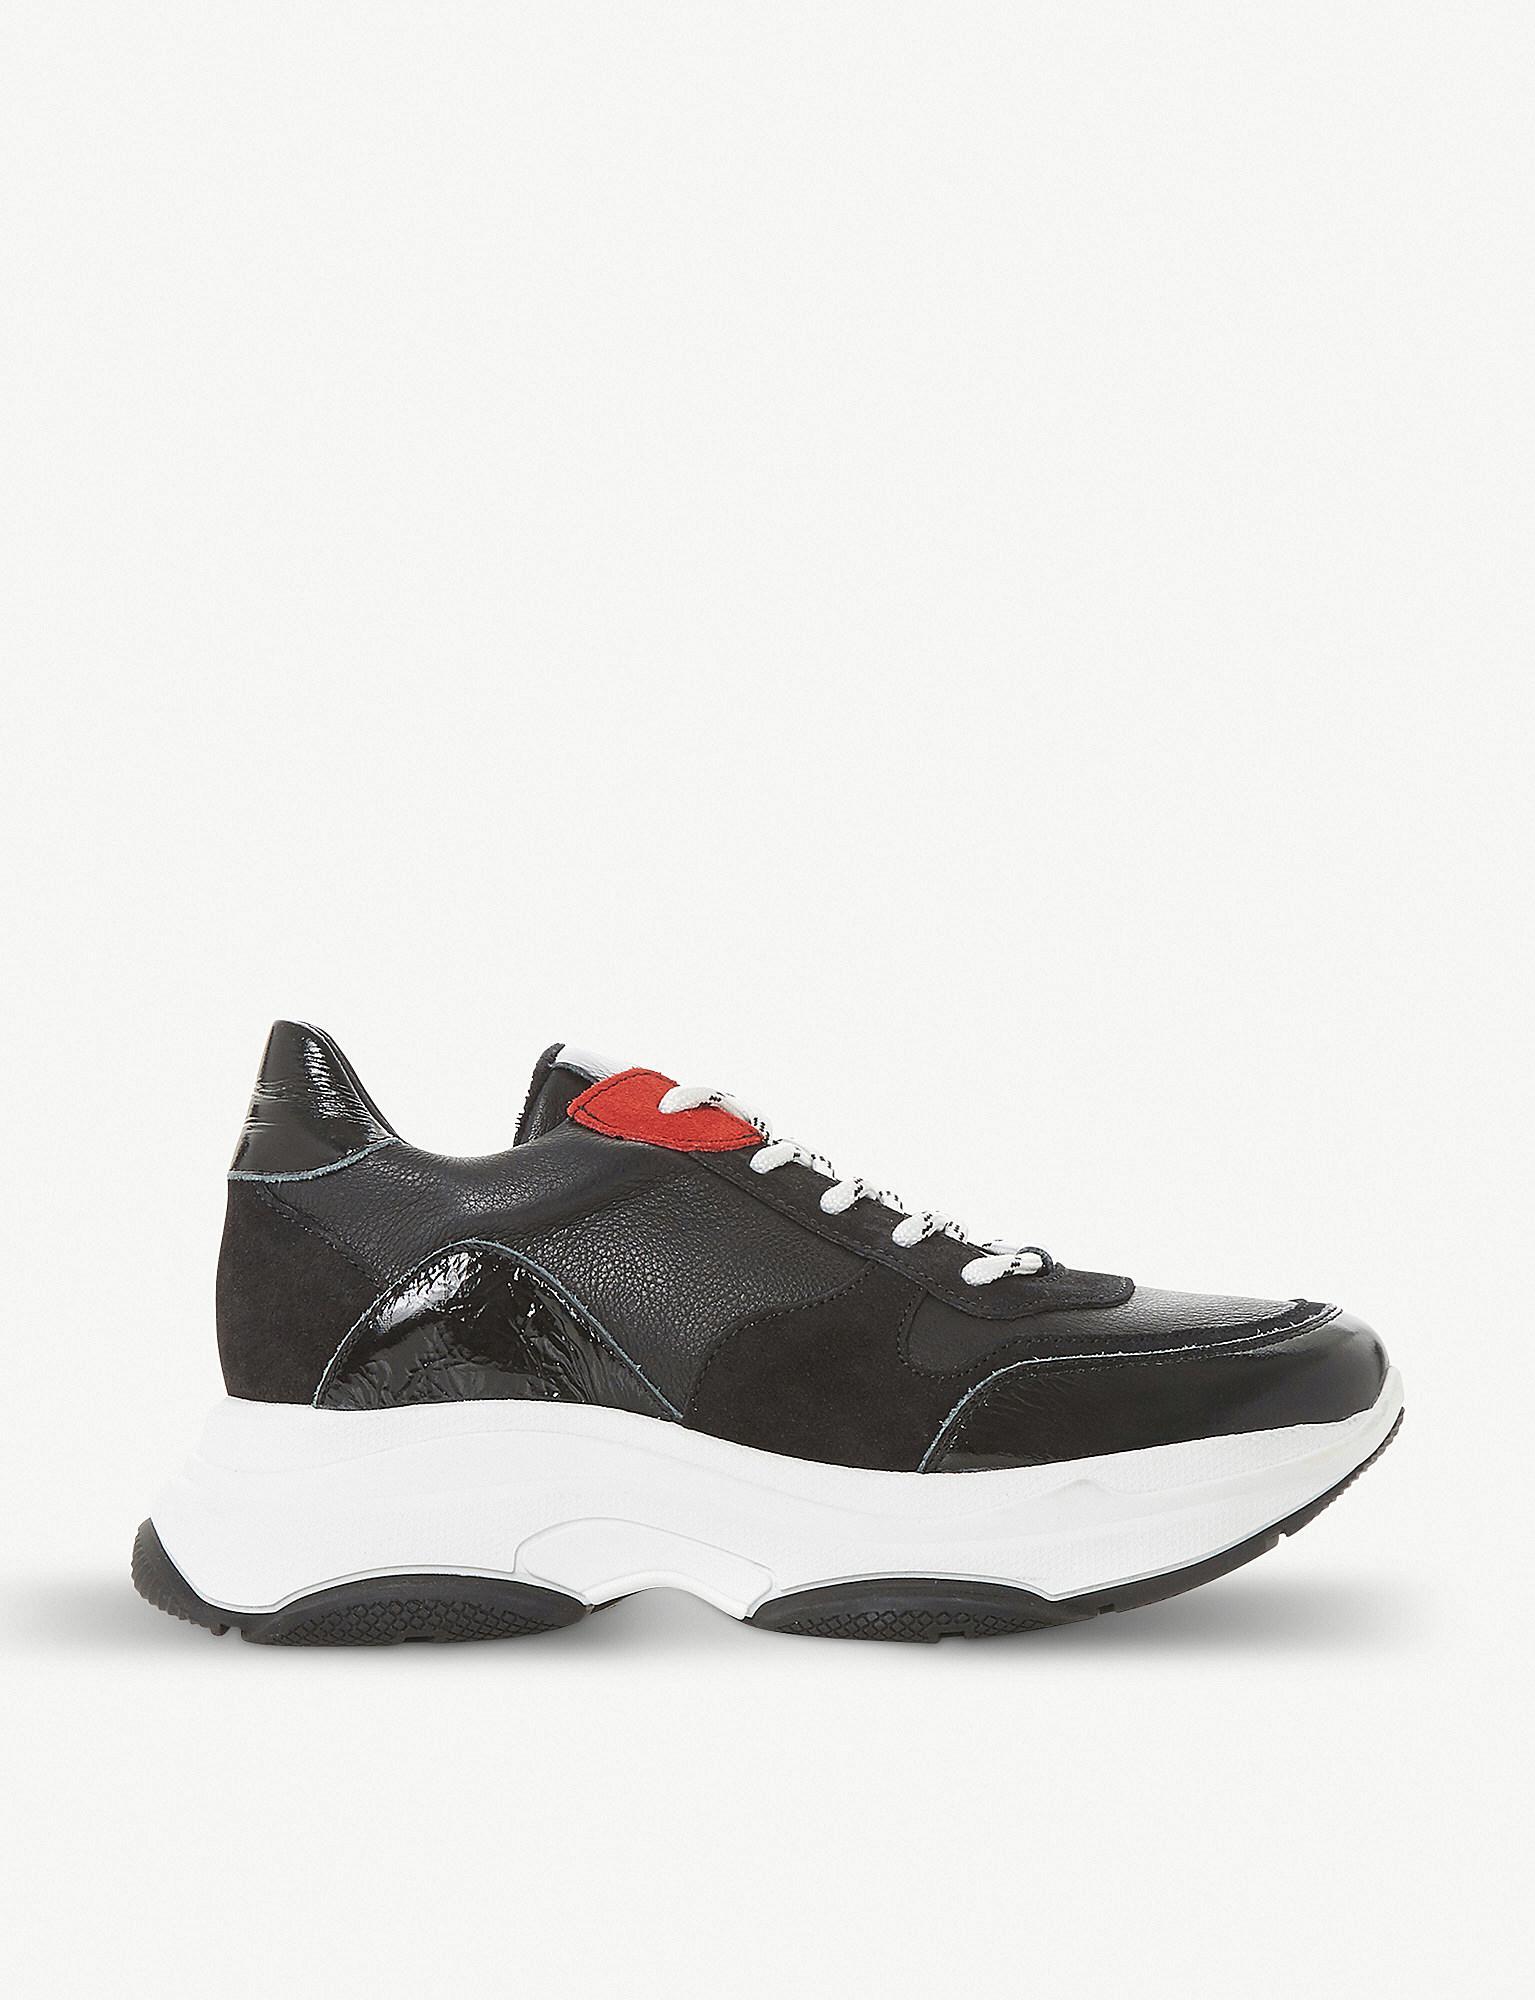 abf5affaf59 Steve Madden Zela Leather Flatform Trainers in Black - Lyst